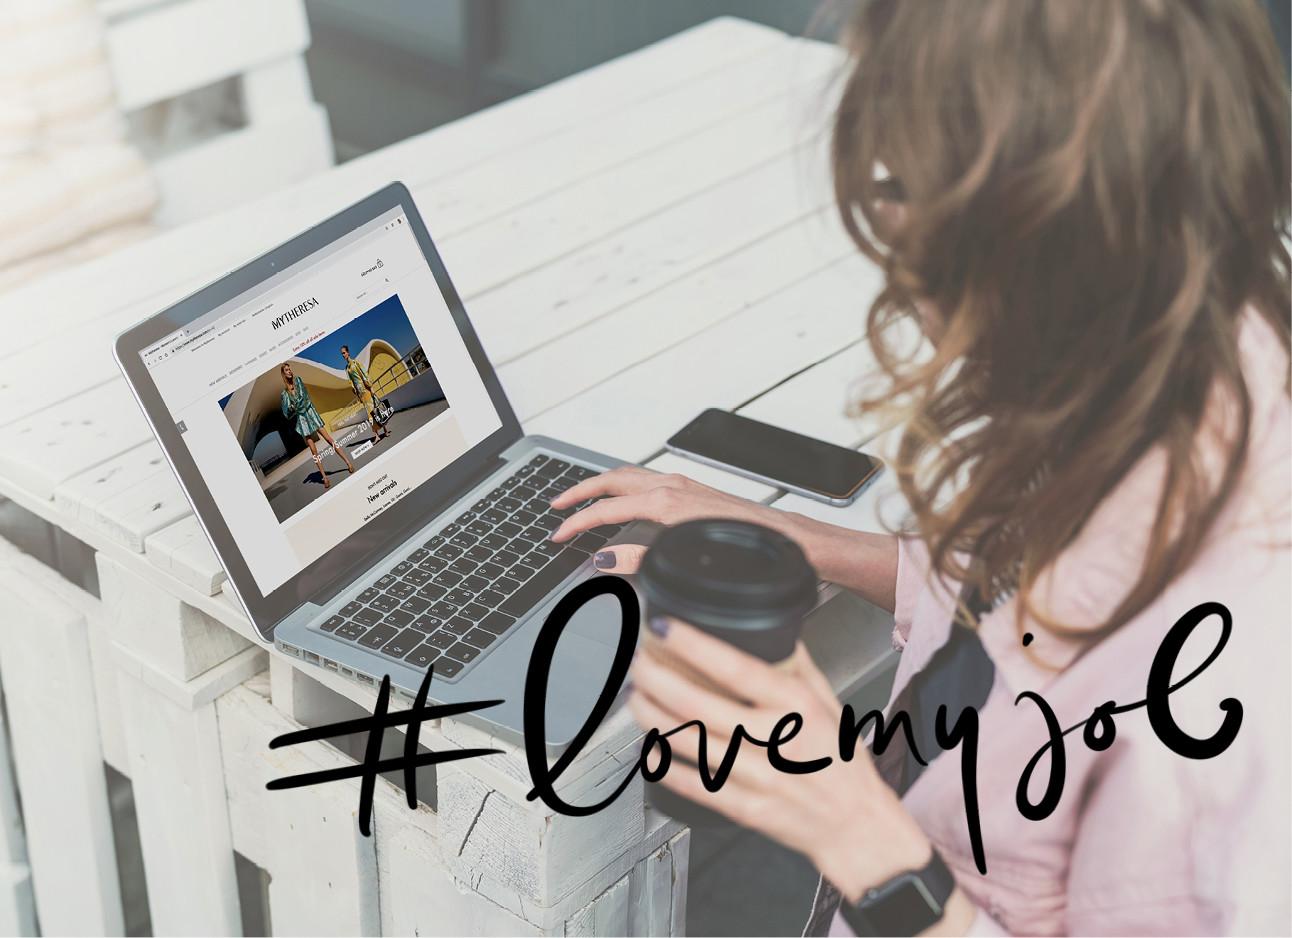 vrouw achter computer aan het werk met koffie in haar handen